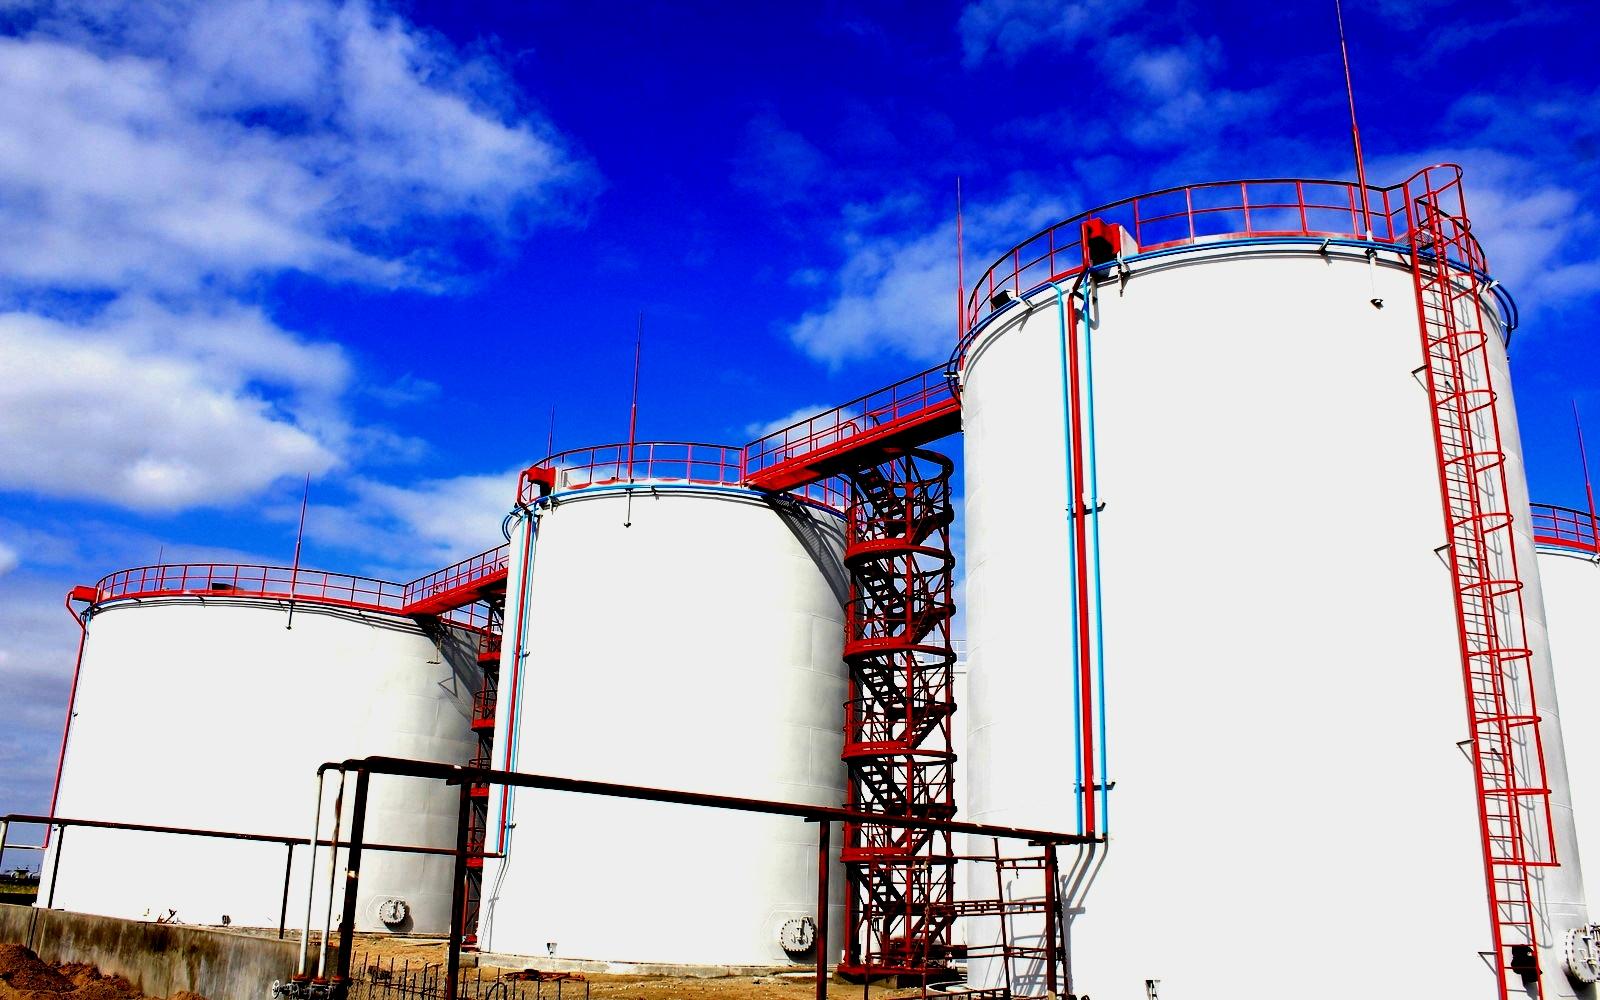 Резервуар для хранения нефти картинка